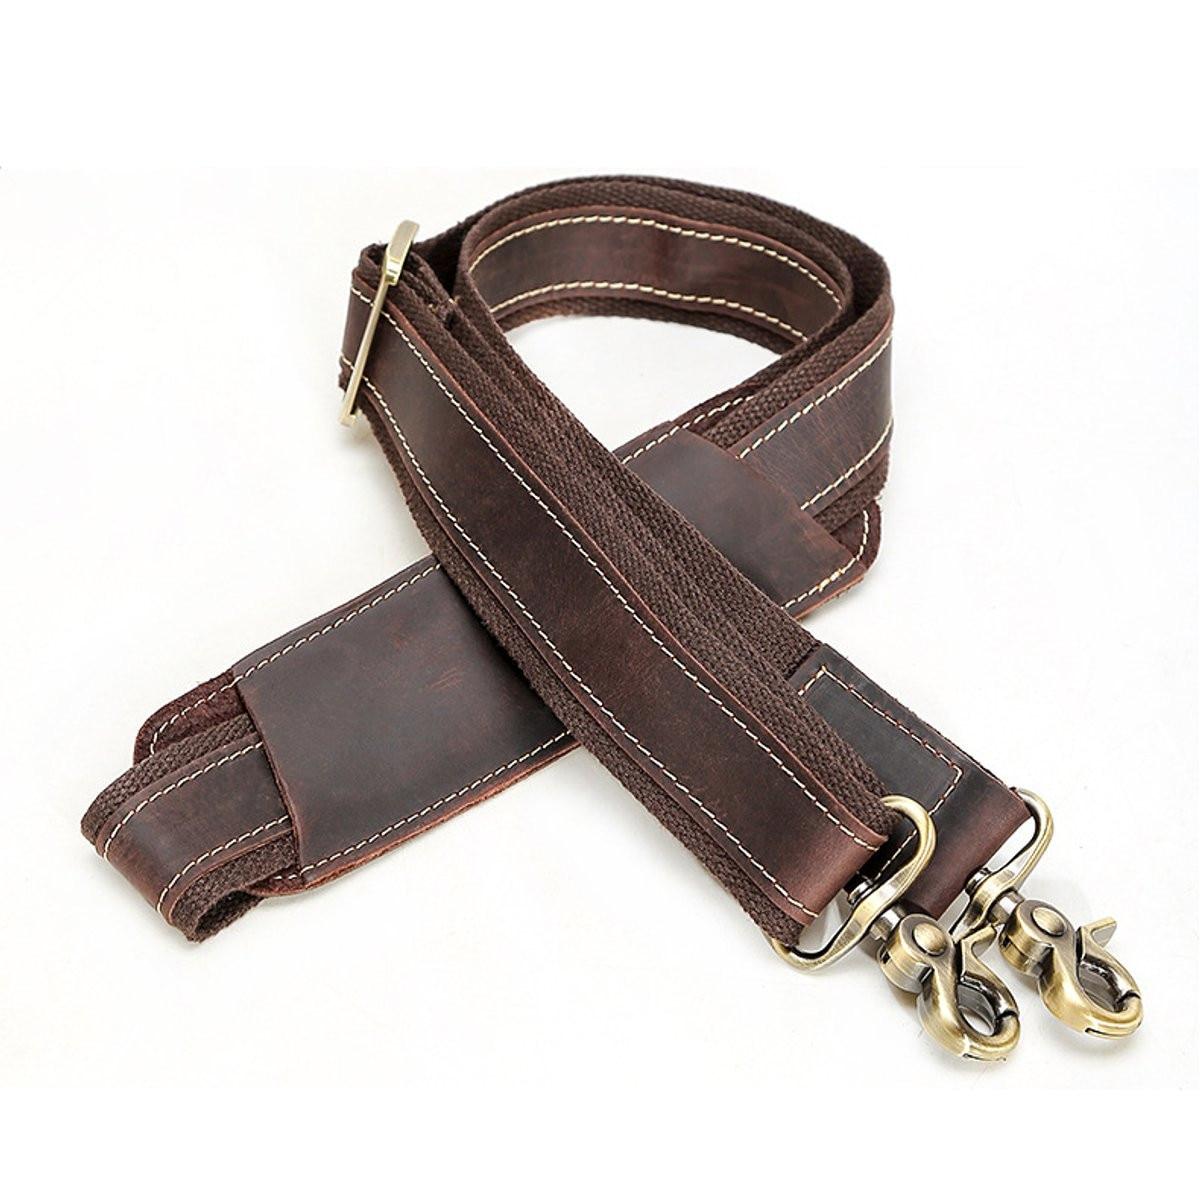 Detachable Men Leather Cowhide Shoulder Strap Buckle Belt Messenger Bag Replacement Belt Bag Parts Accessories 80 134cm